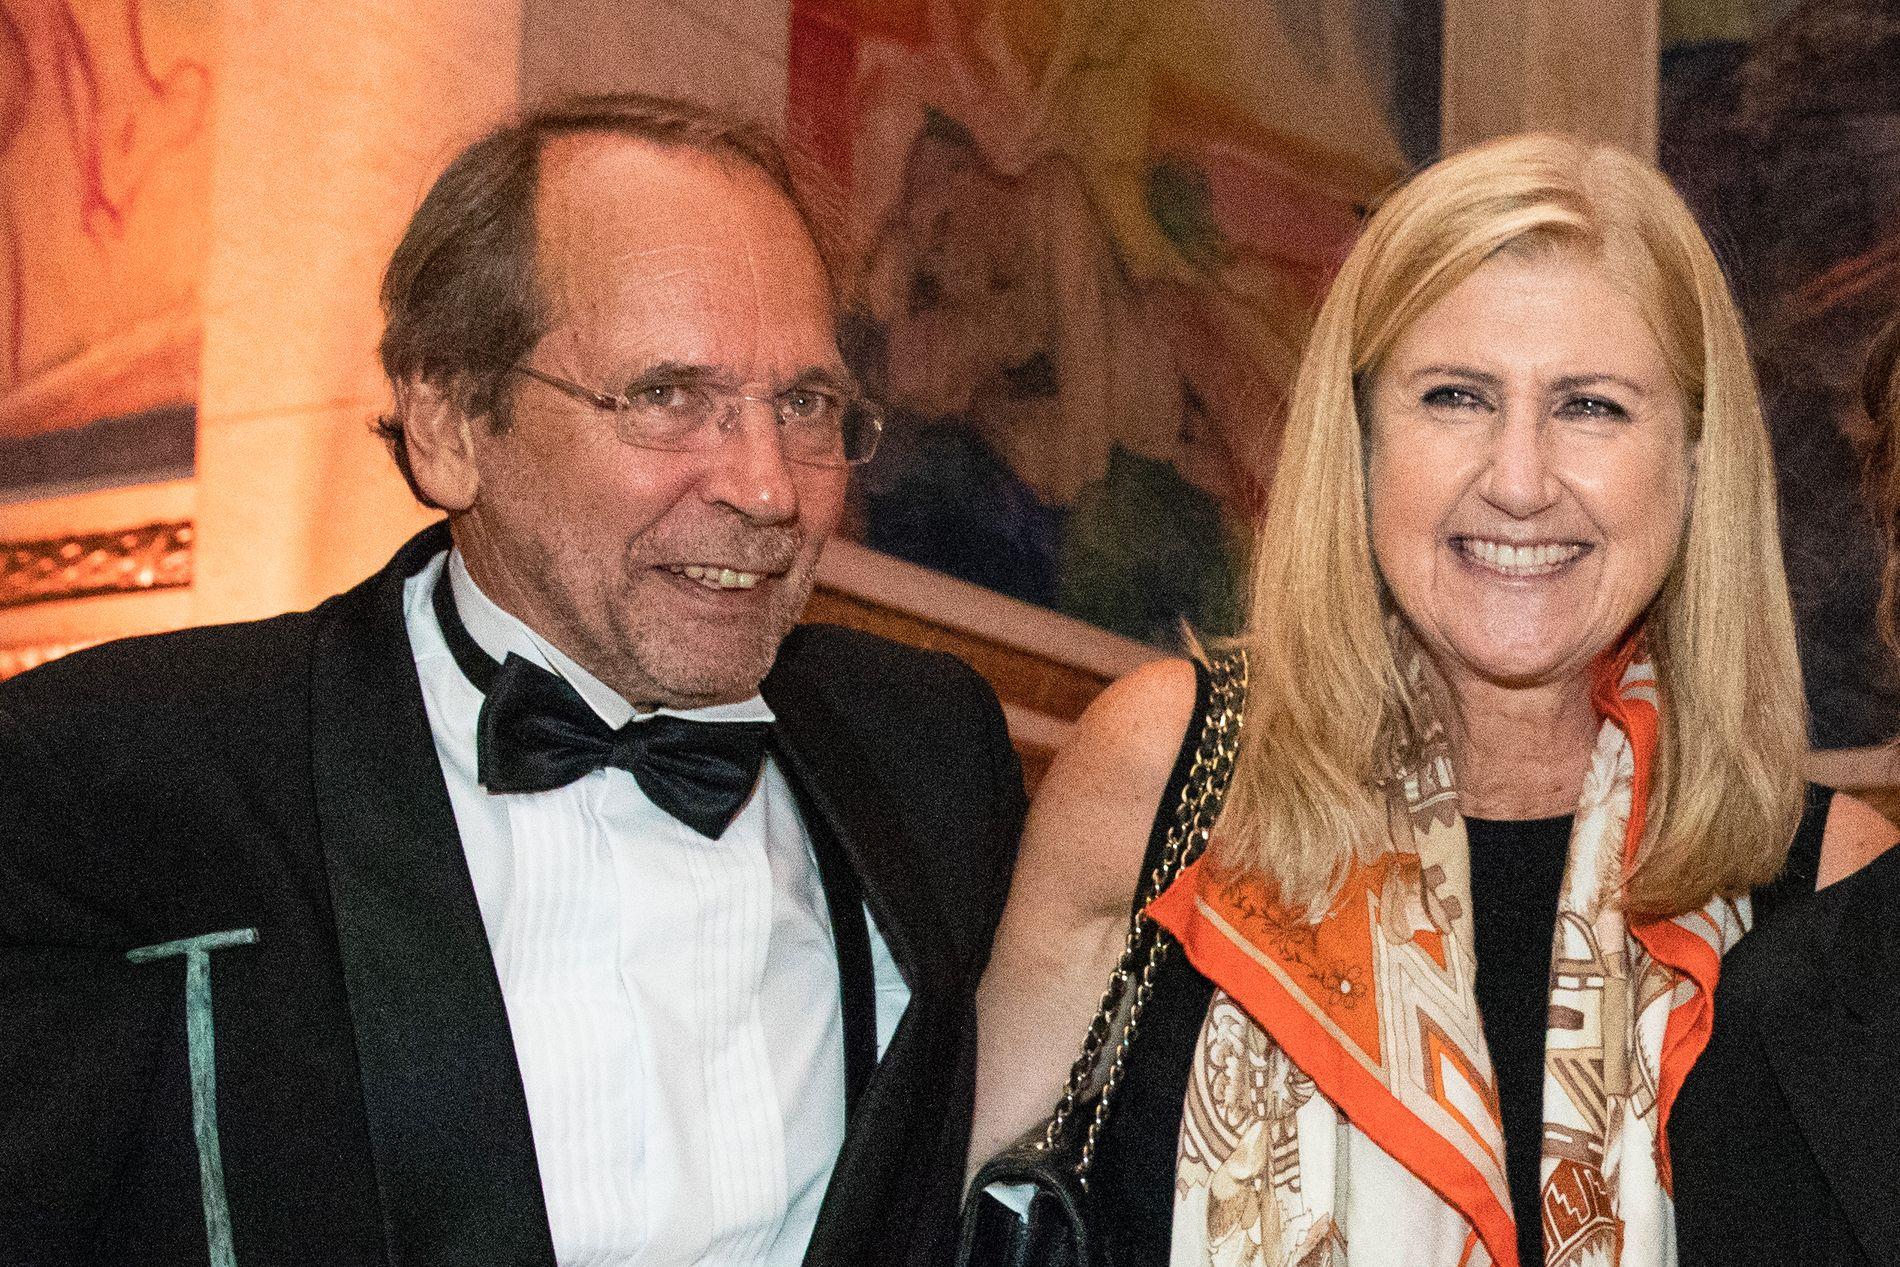 VENNER: Visesangeren Ole Paus og Anne Grete Preus var gode venner. Her under utdelingen av Anders Jahres kulturpris i september 2018.